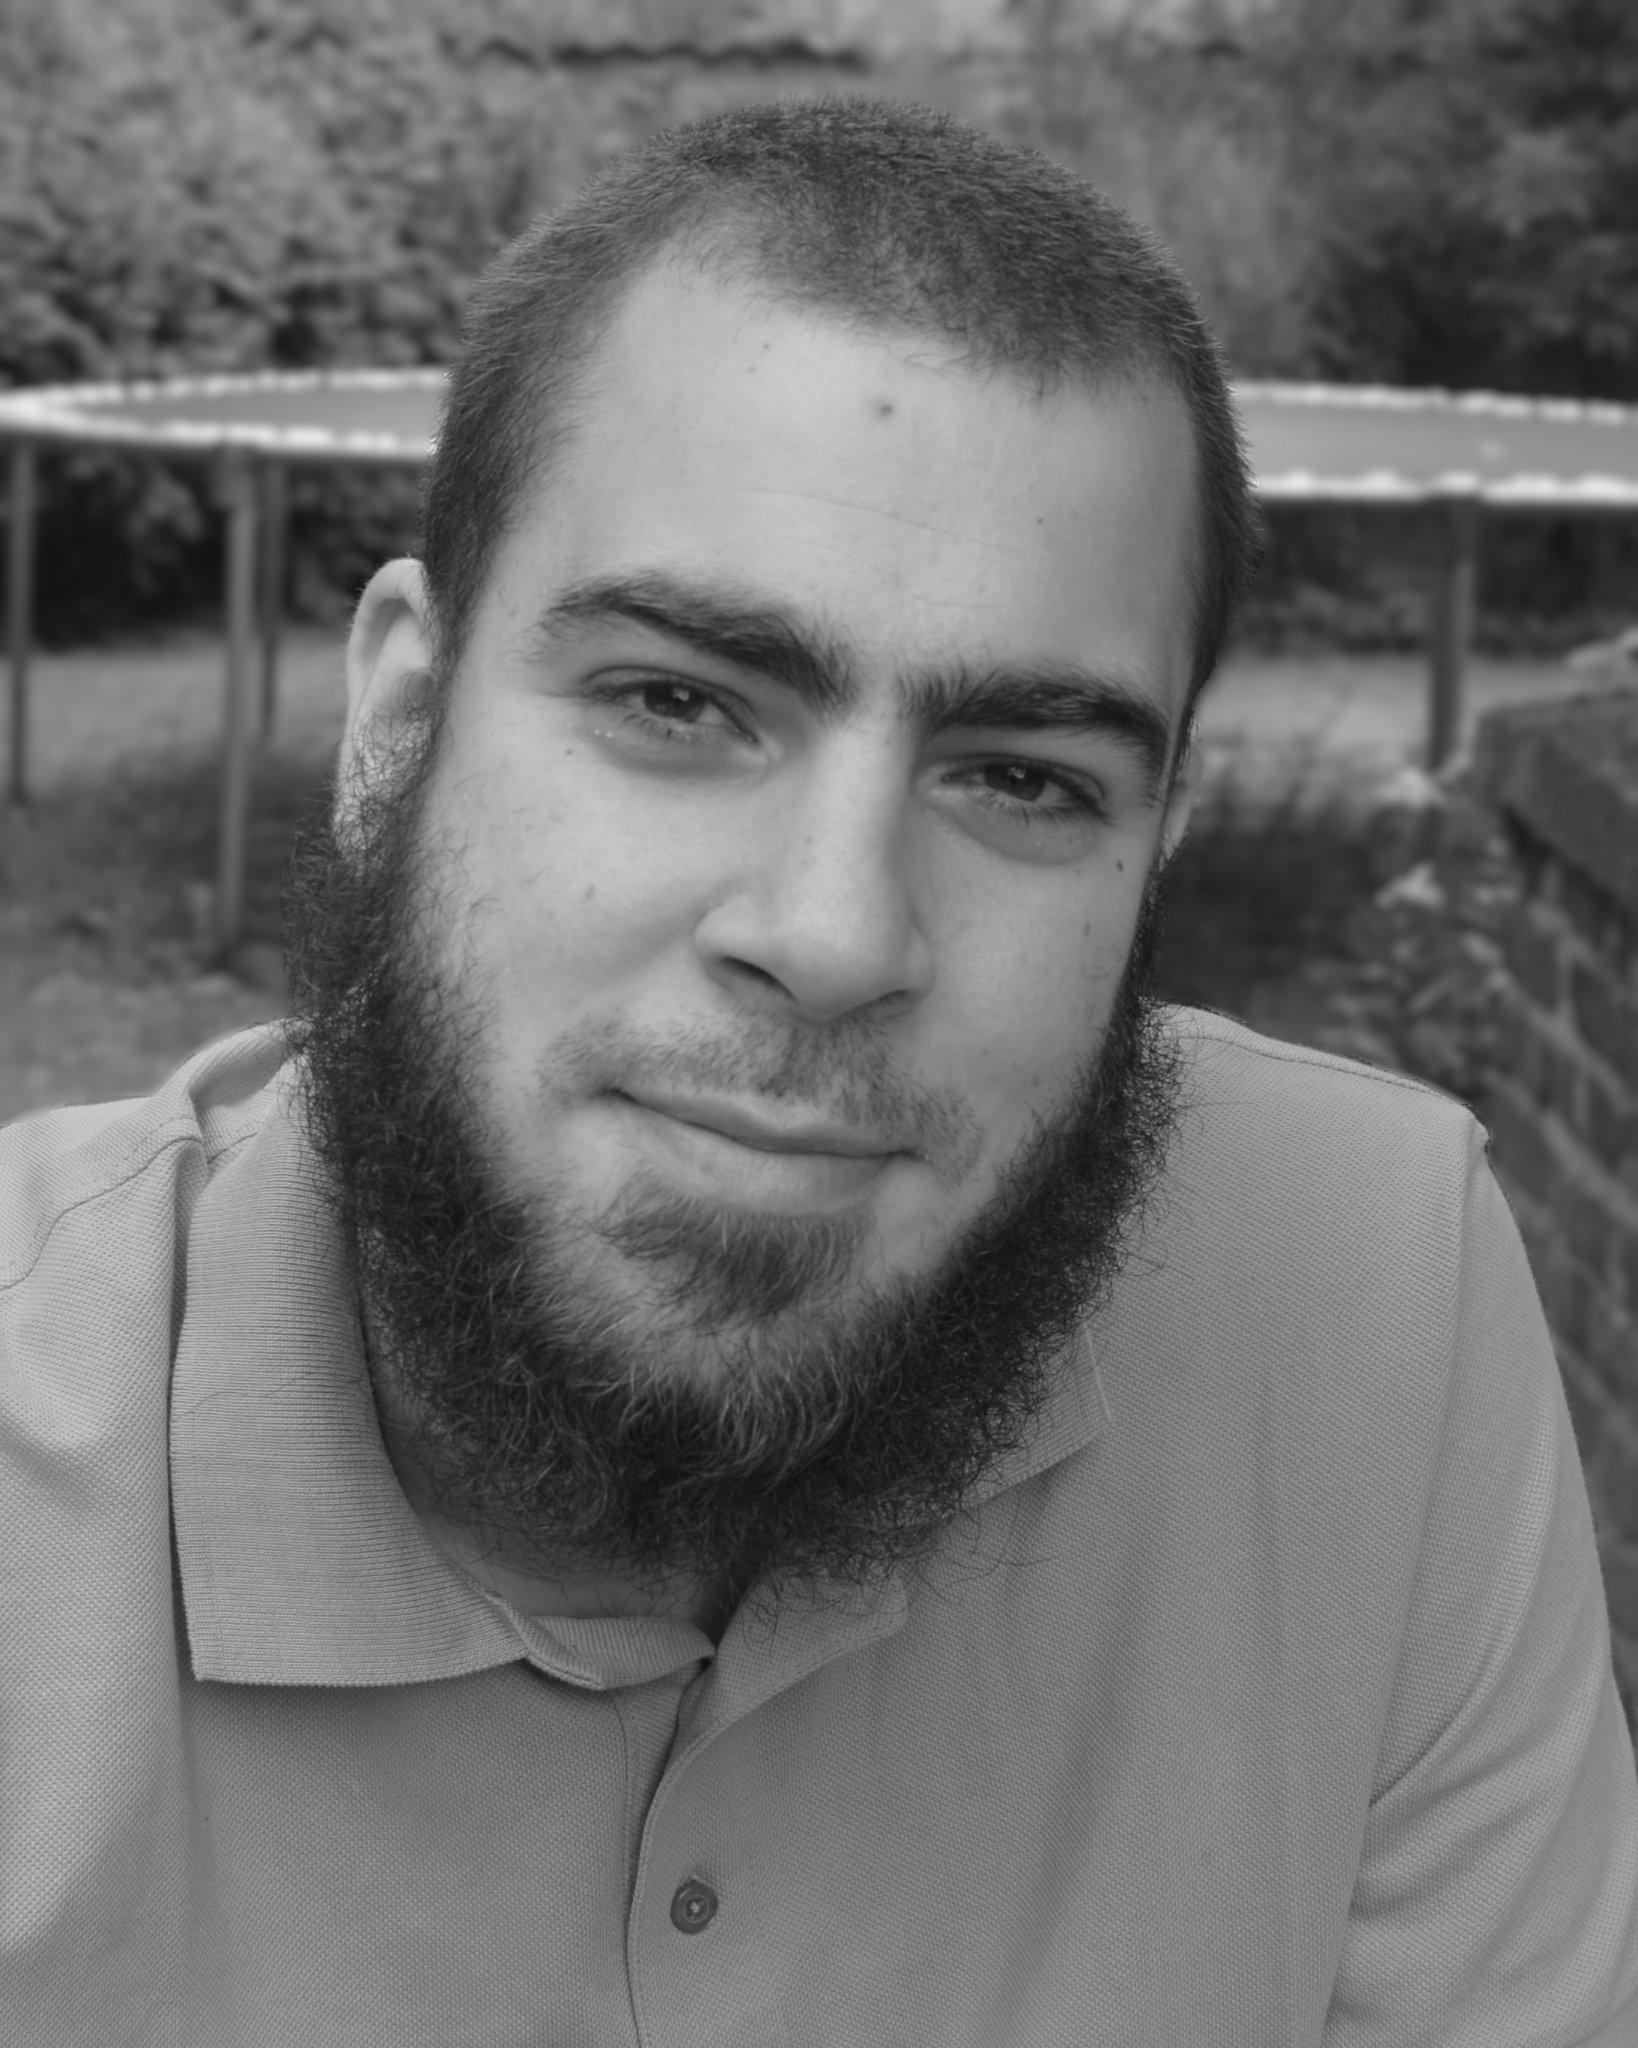 Omar Sayadi